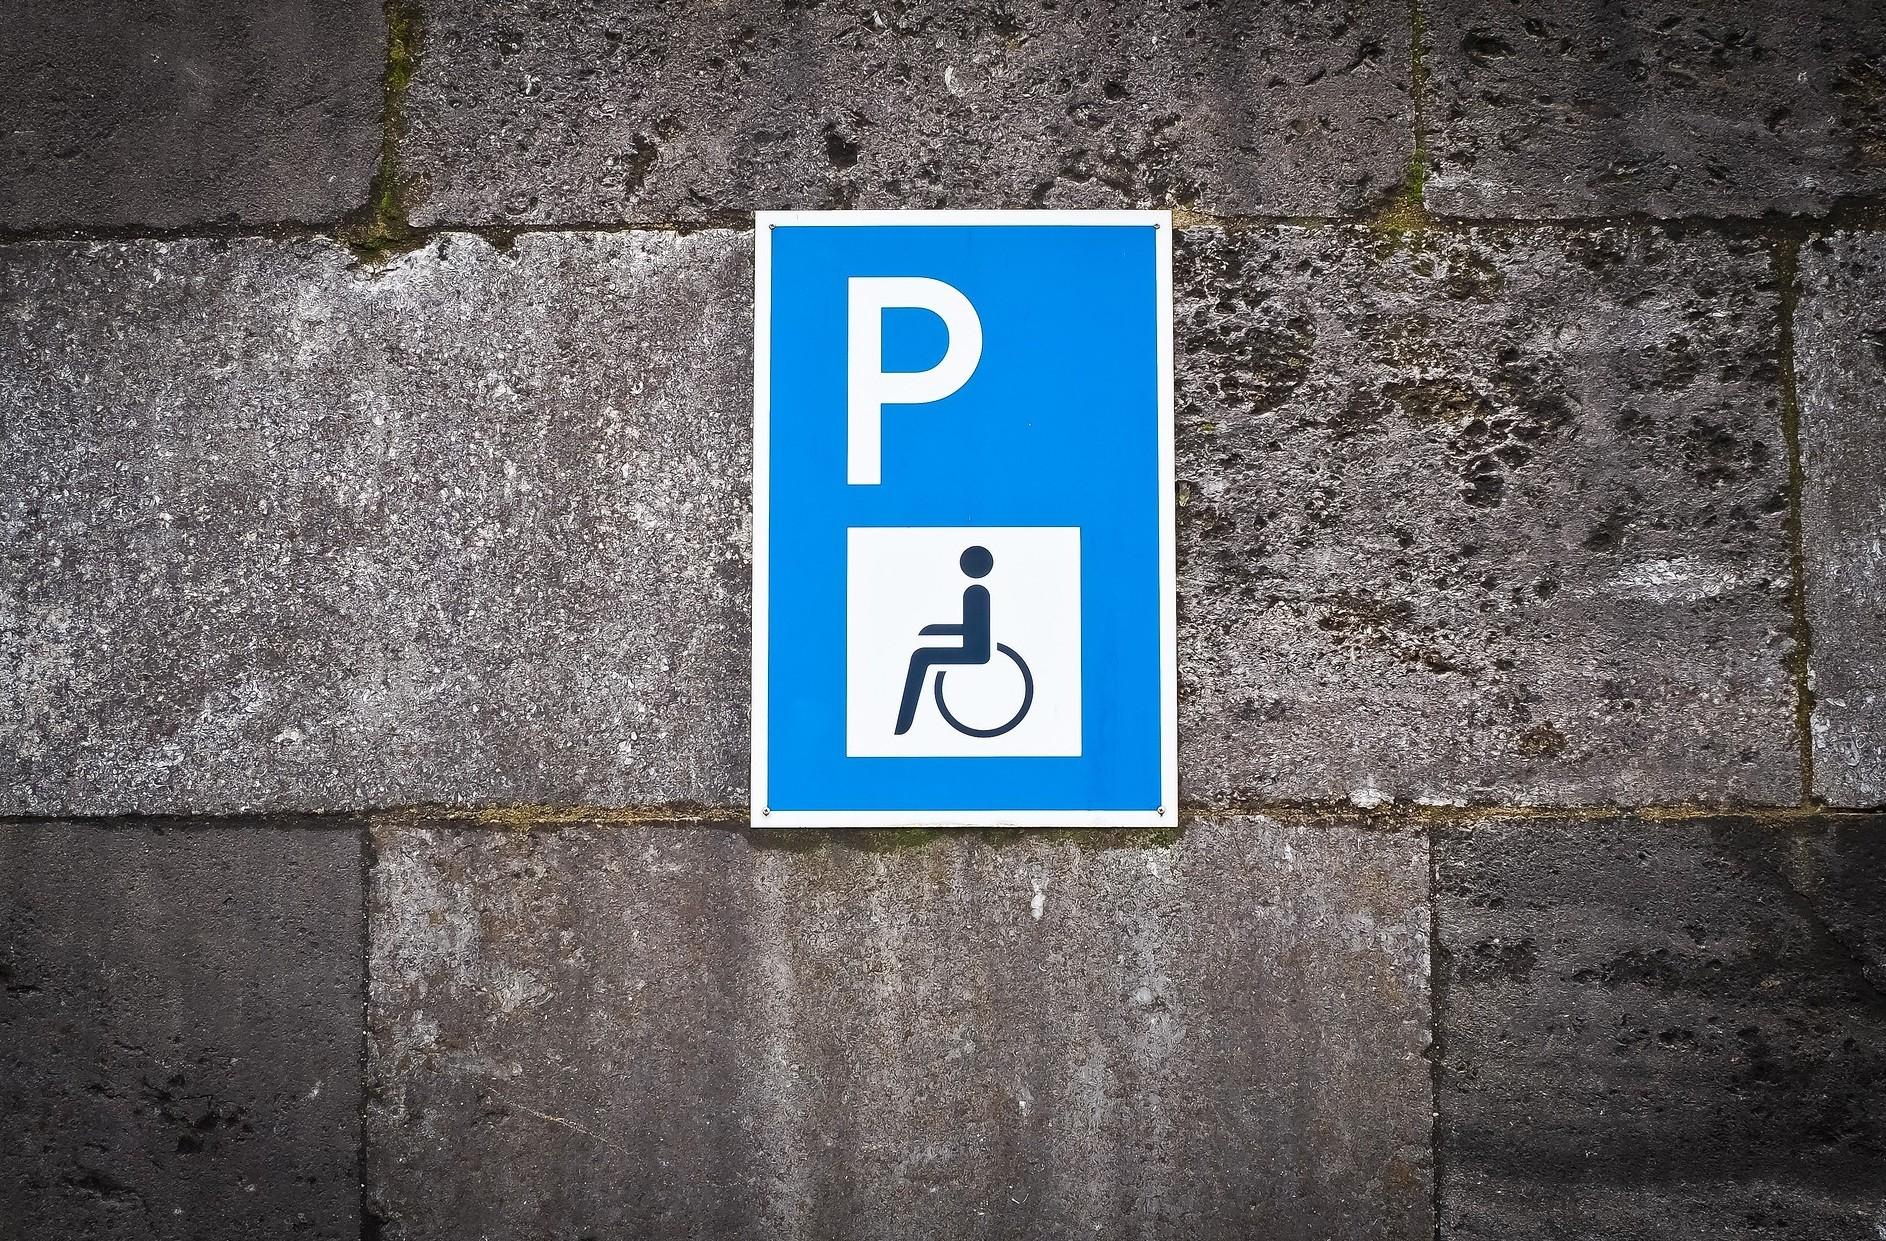 Diritto al parcheggio disabile sotto cas